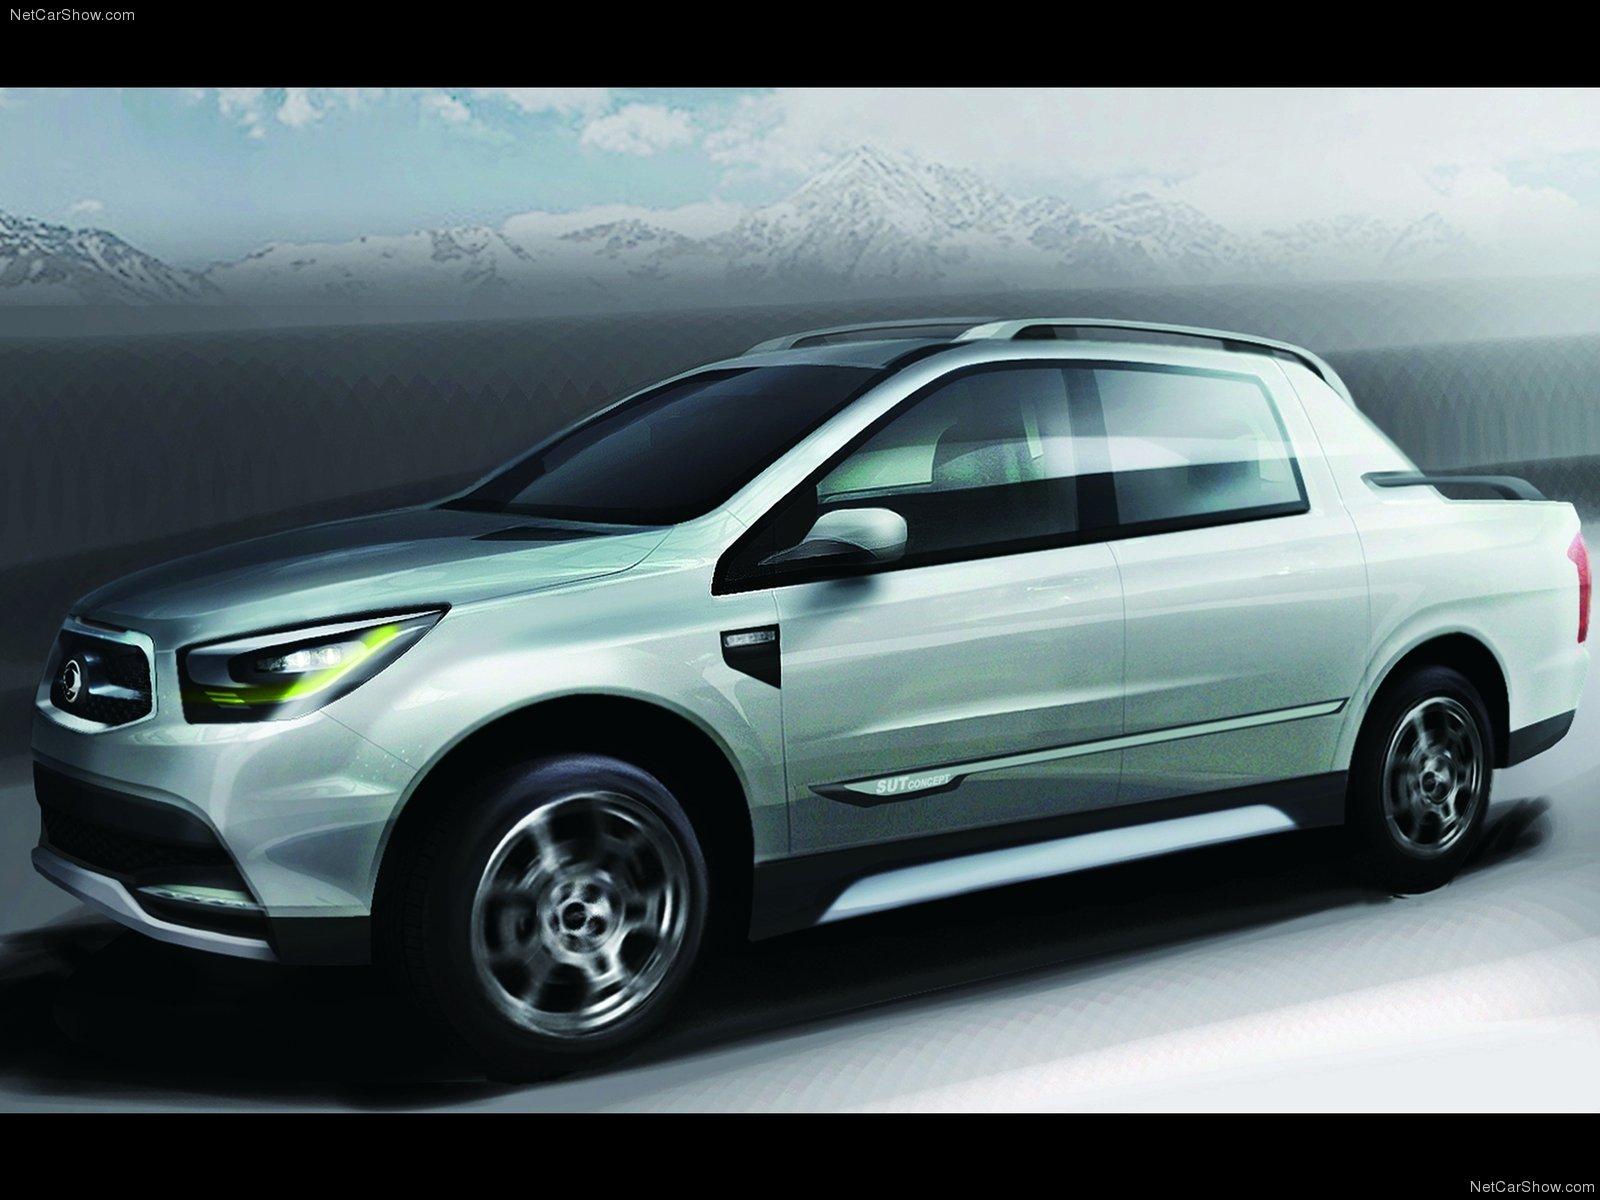 Hình ảnh xe ô tô SsangYong SUT 1 Concept 2011 & nội ngoại thất